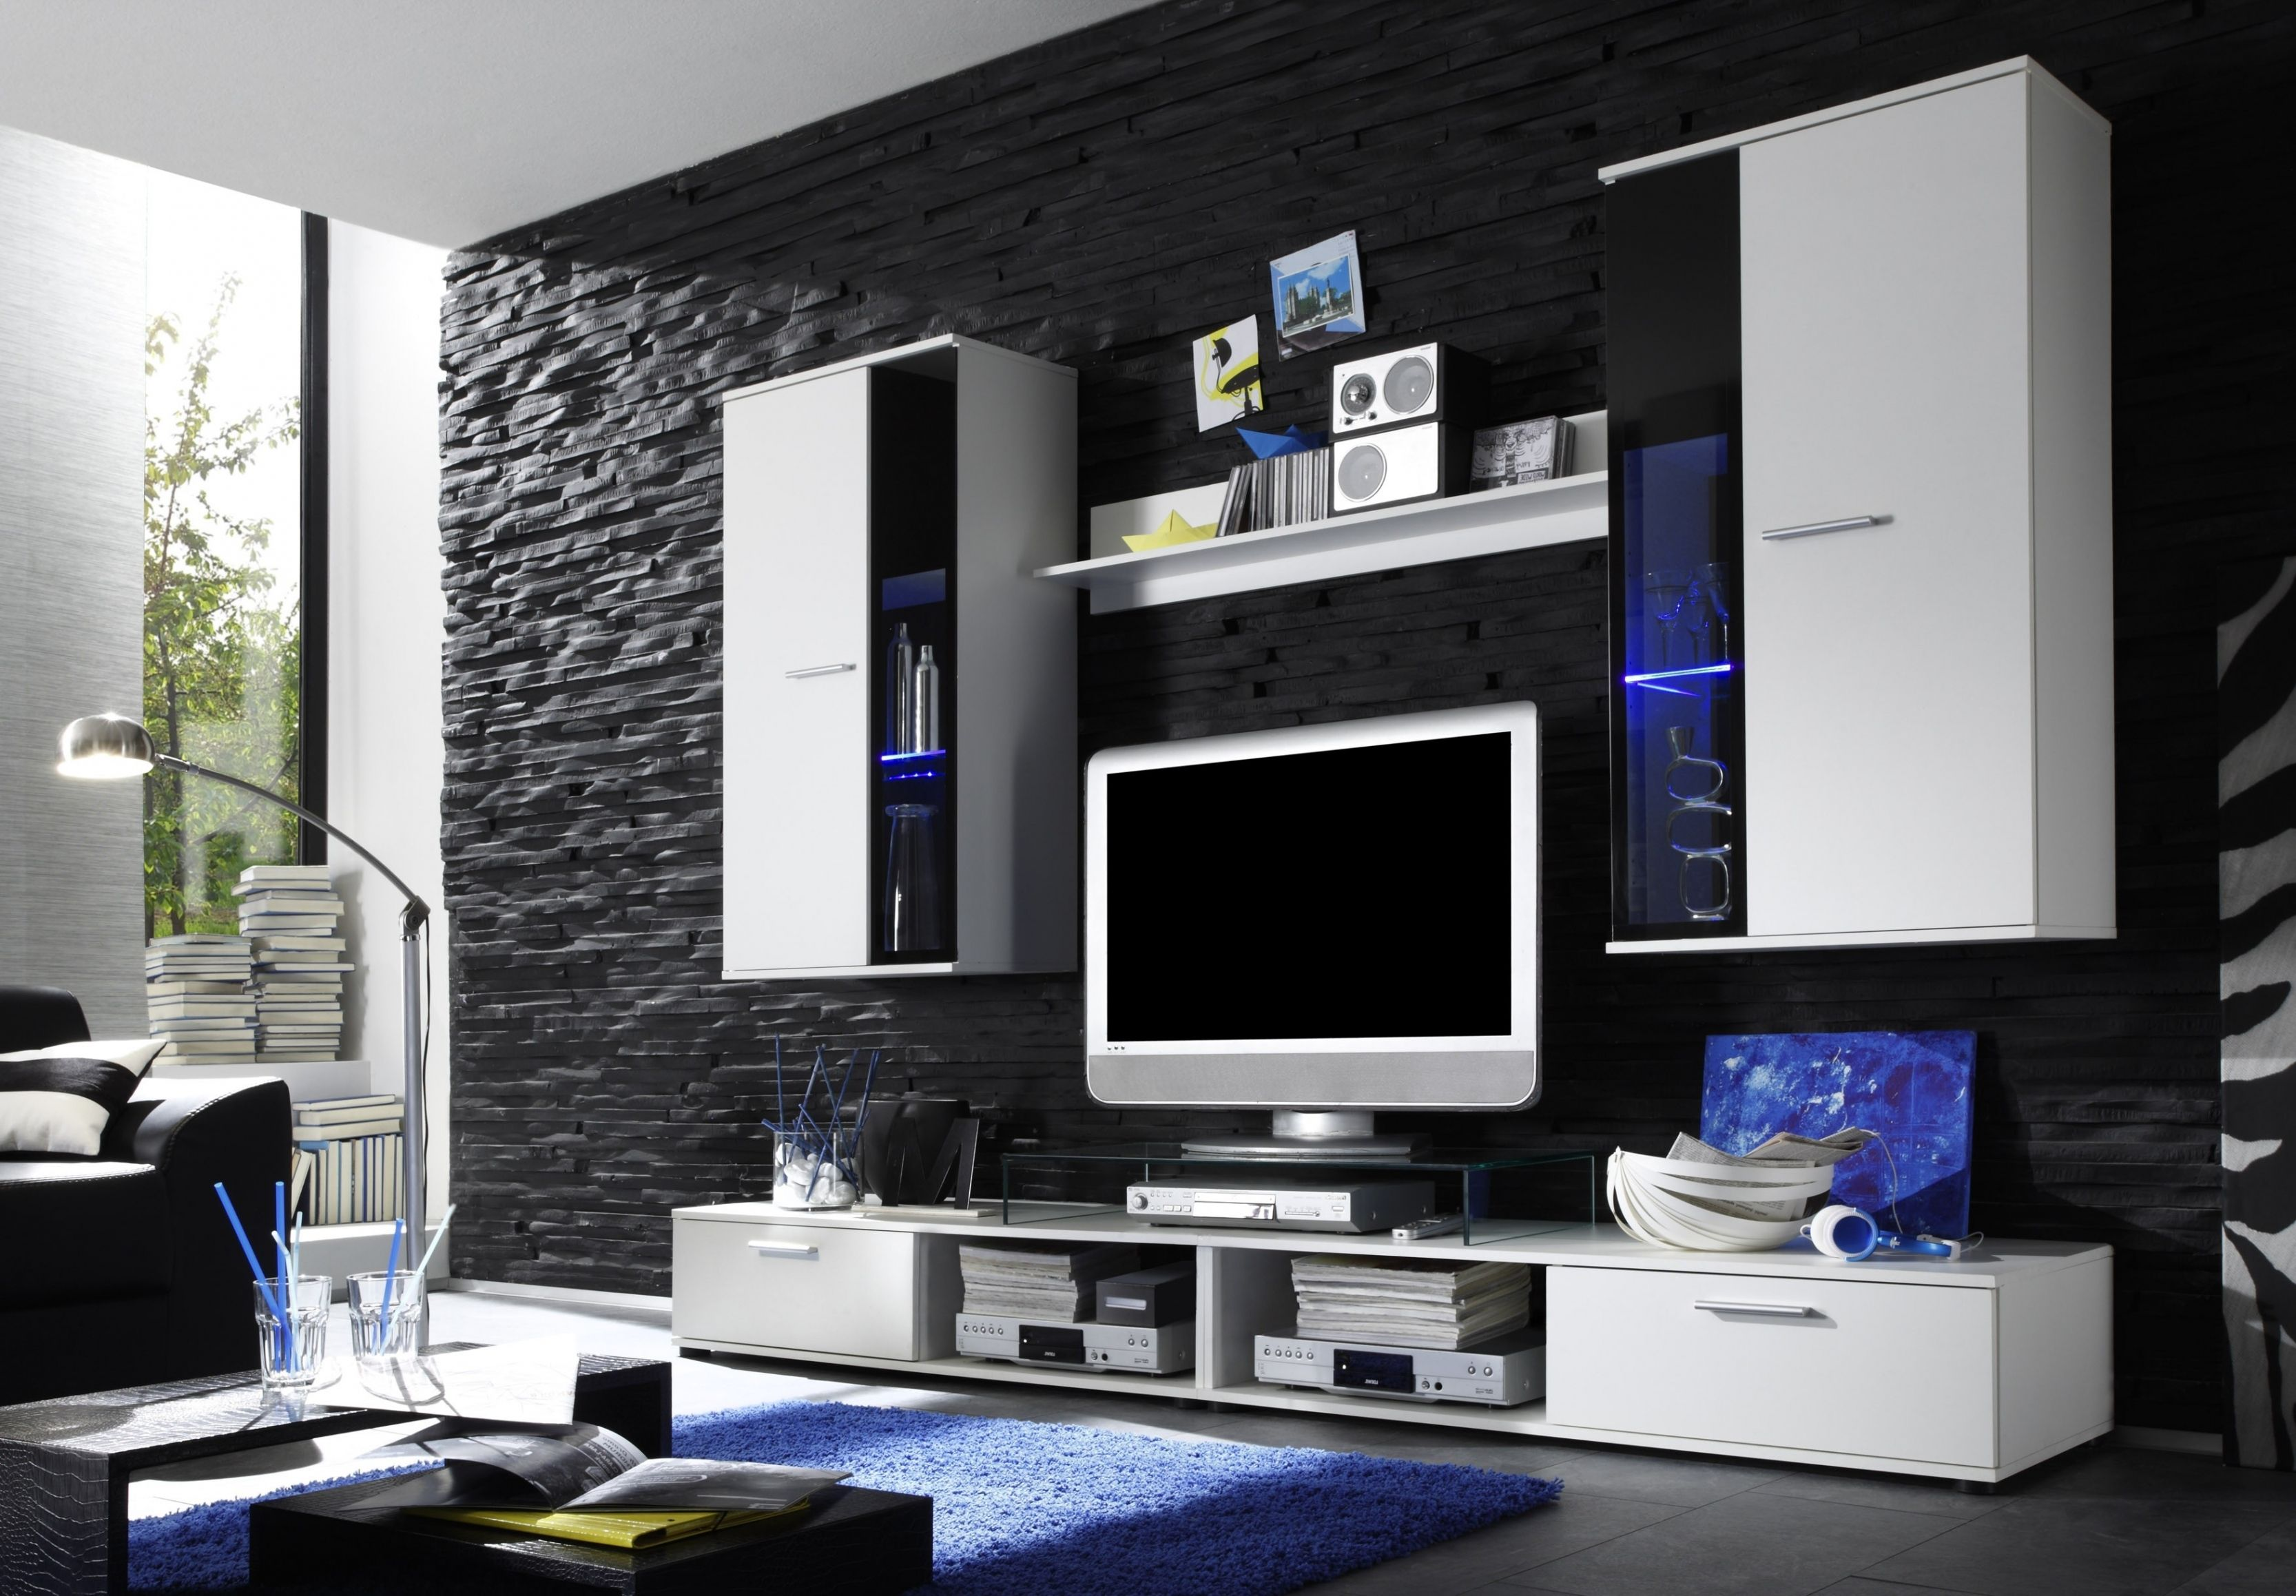 Wohnzimmer Schwarz ~ Schön wohnzimmer einrichten schwarz weiß wohnzimmermöbel pinterest